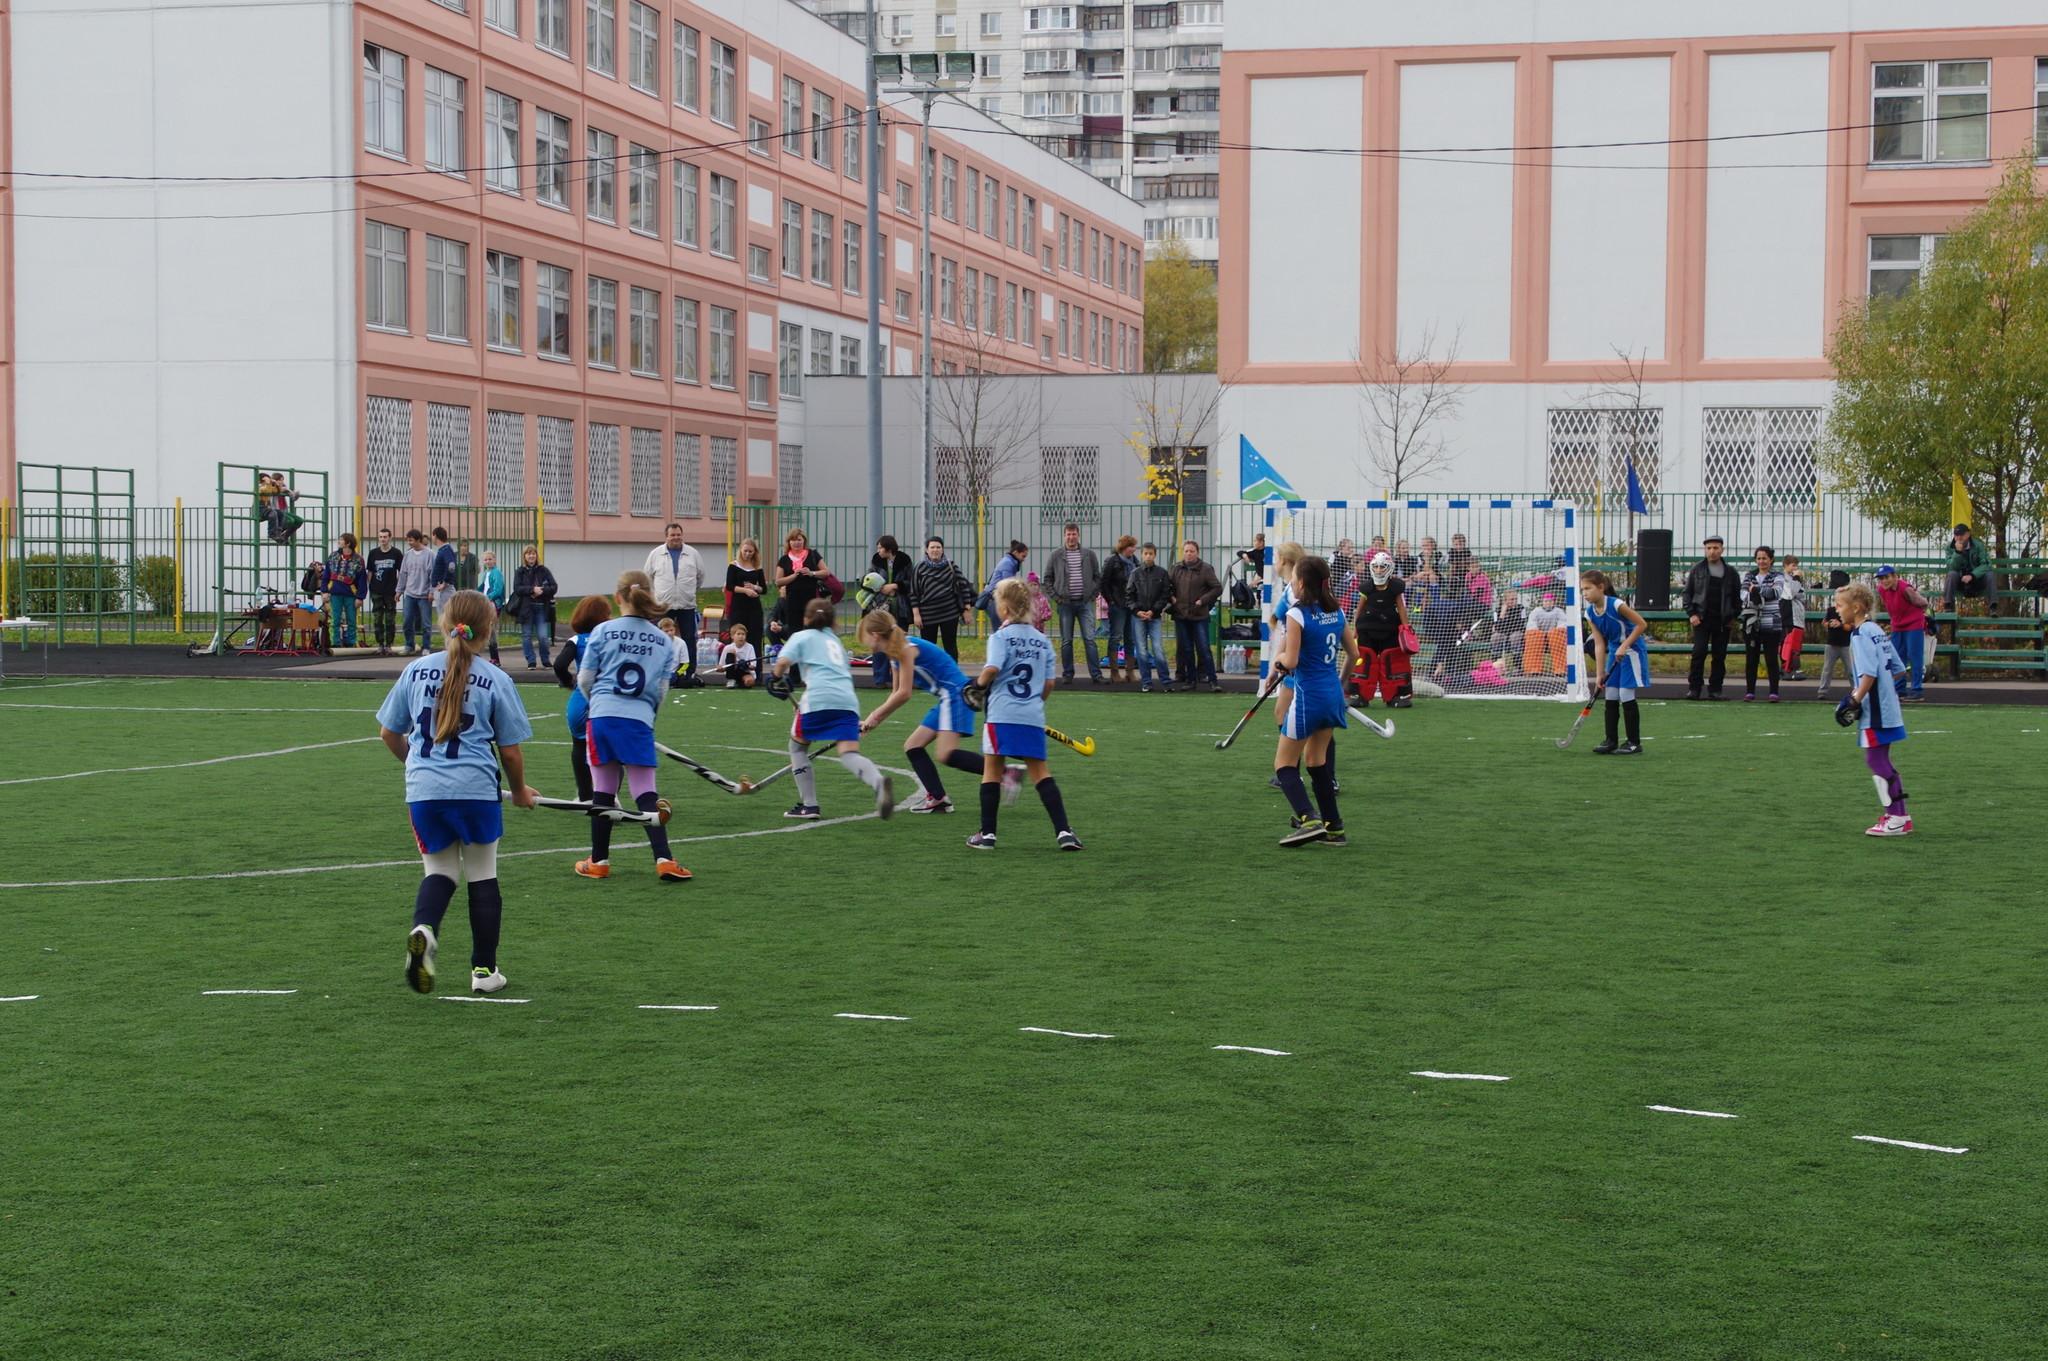 Турнир по хоккею на траве на стадионе Школы № 709 (школьное отделение № 1). 9-я Северная линия, дом 1, корпус 2